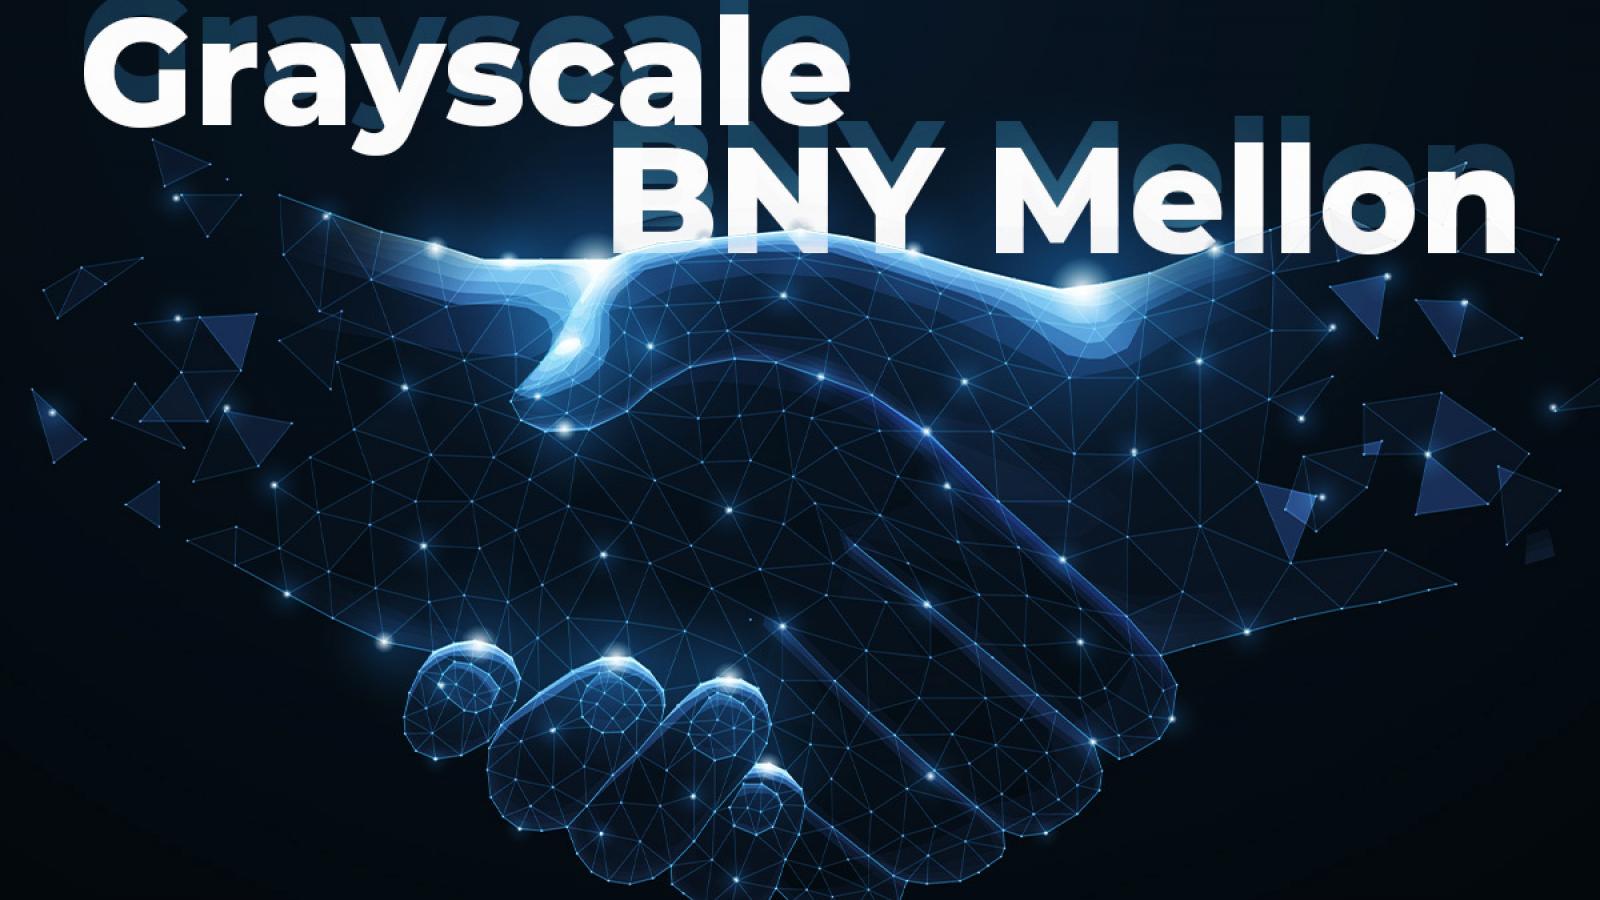 Grayscale BNY Mellon